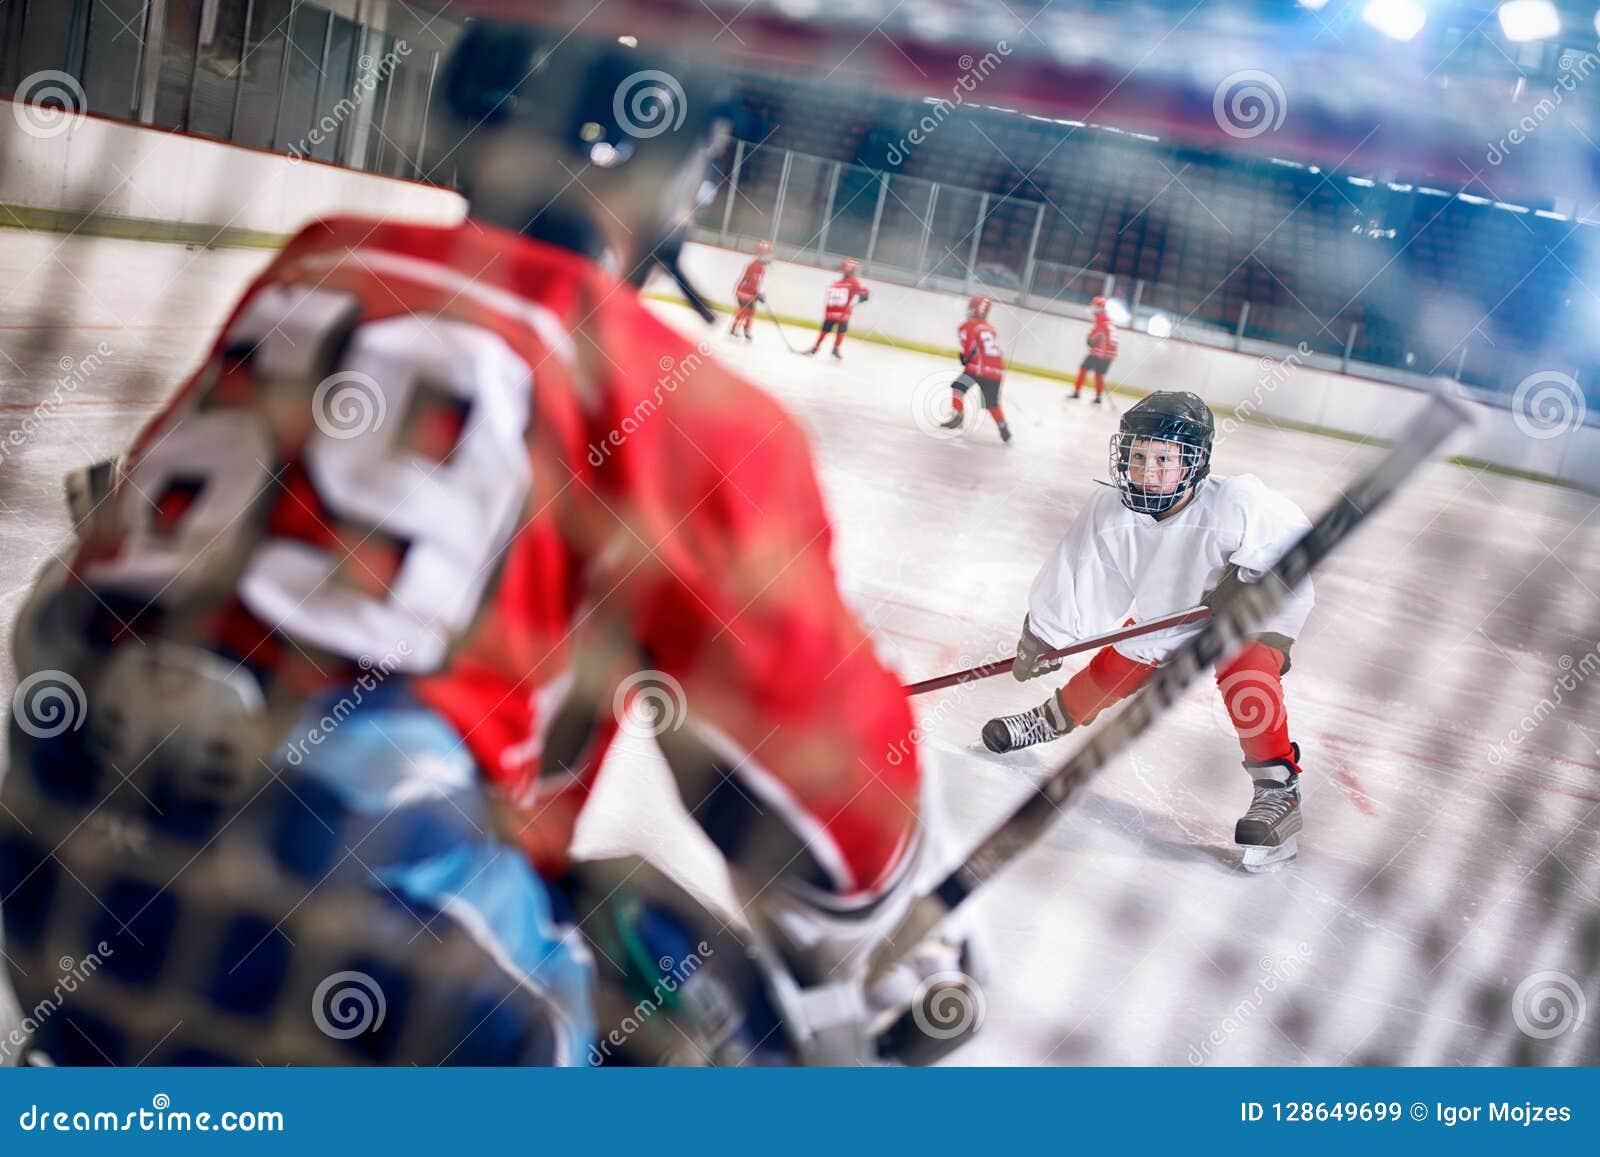 El partido del hockey en el jugador de la pista ataca al portero